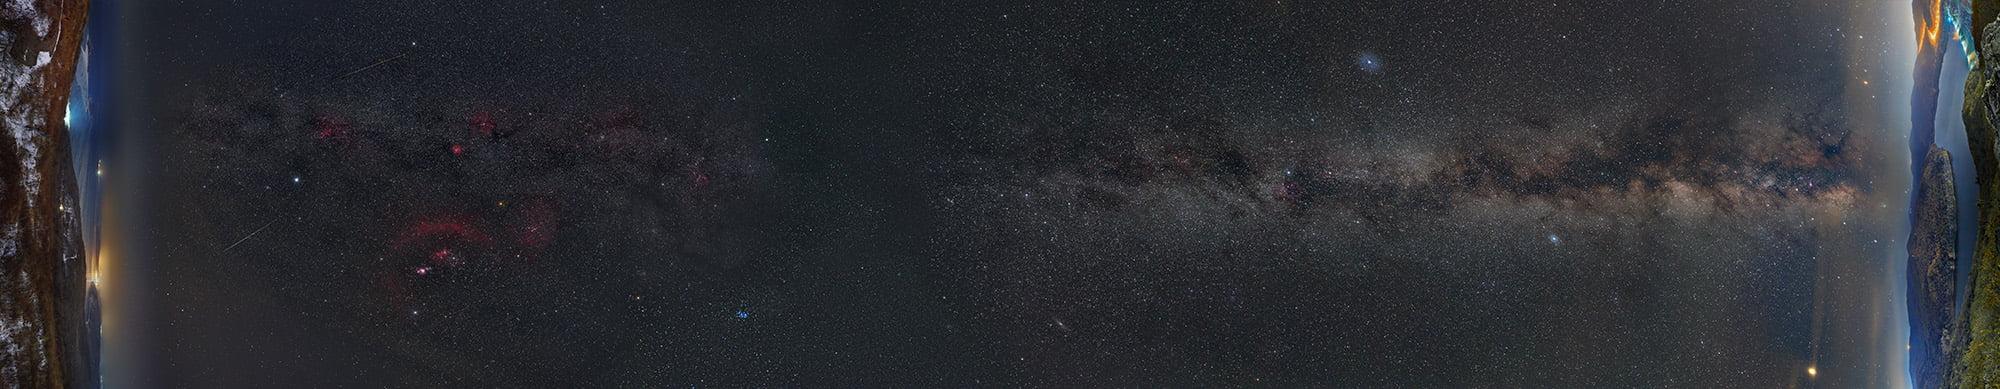 Участок Млечного Пути, видимый на территории Приморского края в течение года.